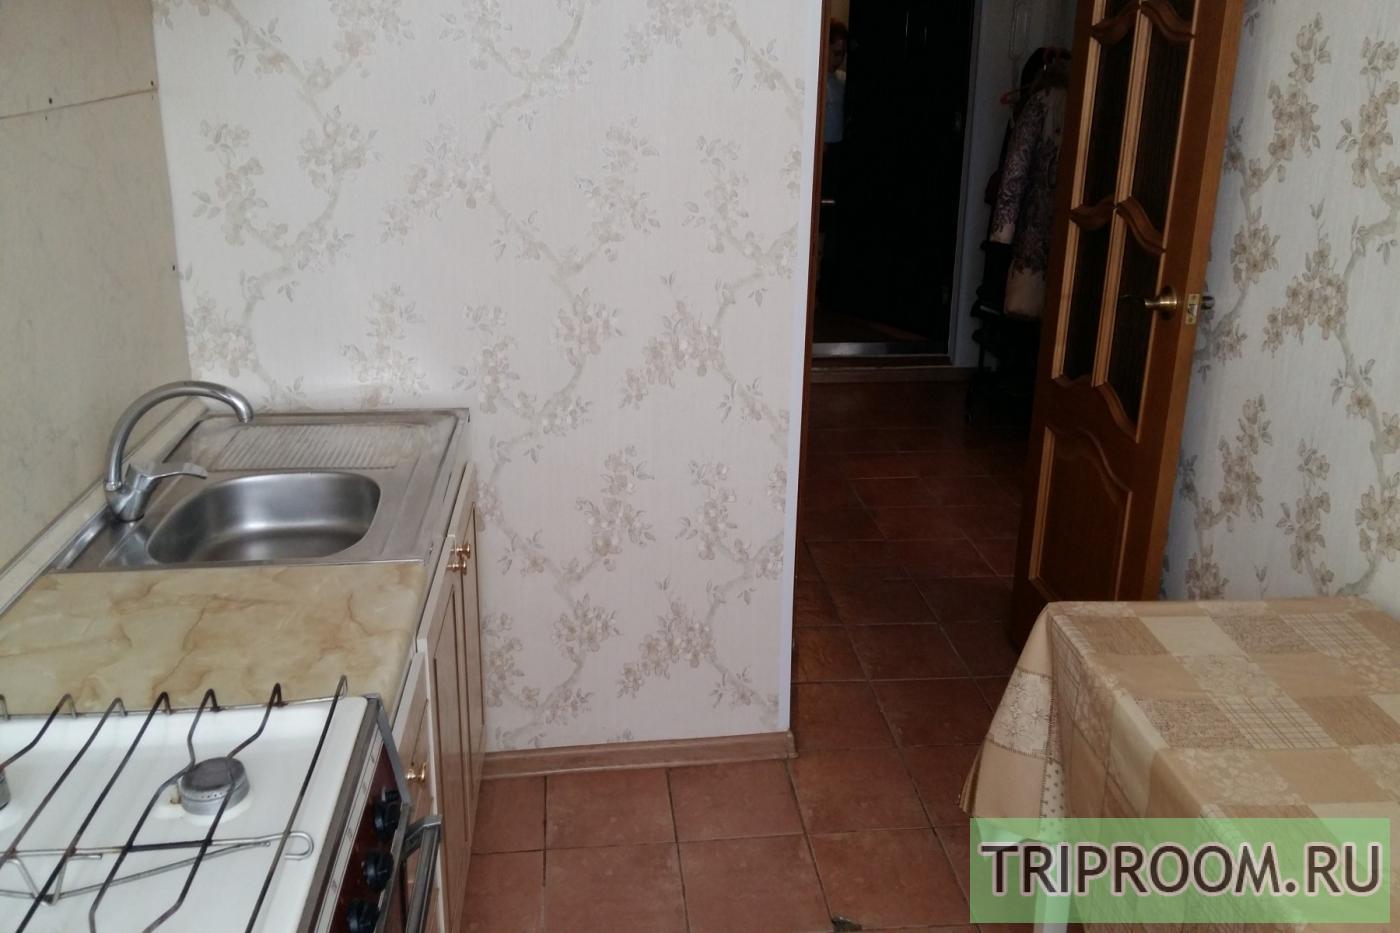 1-комнатная квартира посуточно (вариант № 22588), ул. Стара-Загора улица, фото № 21